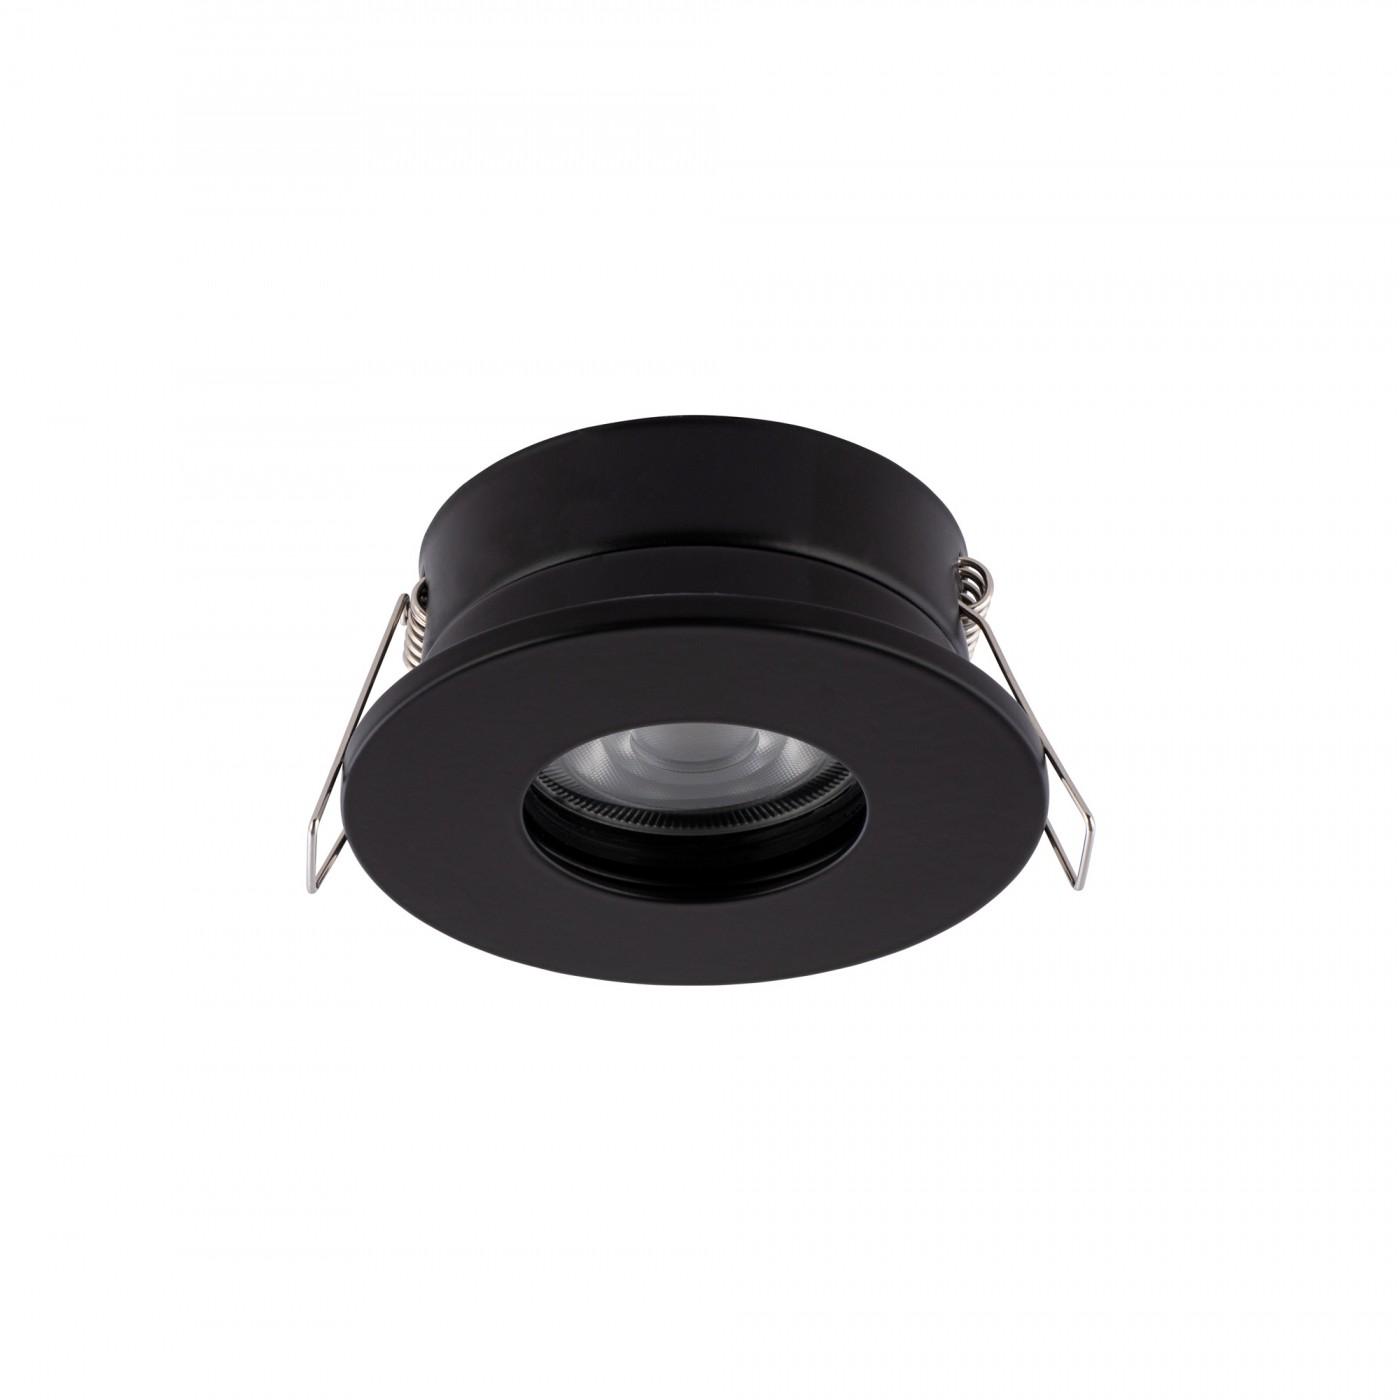 GOLF black 8376 Nowodvorski Lighting